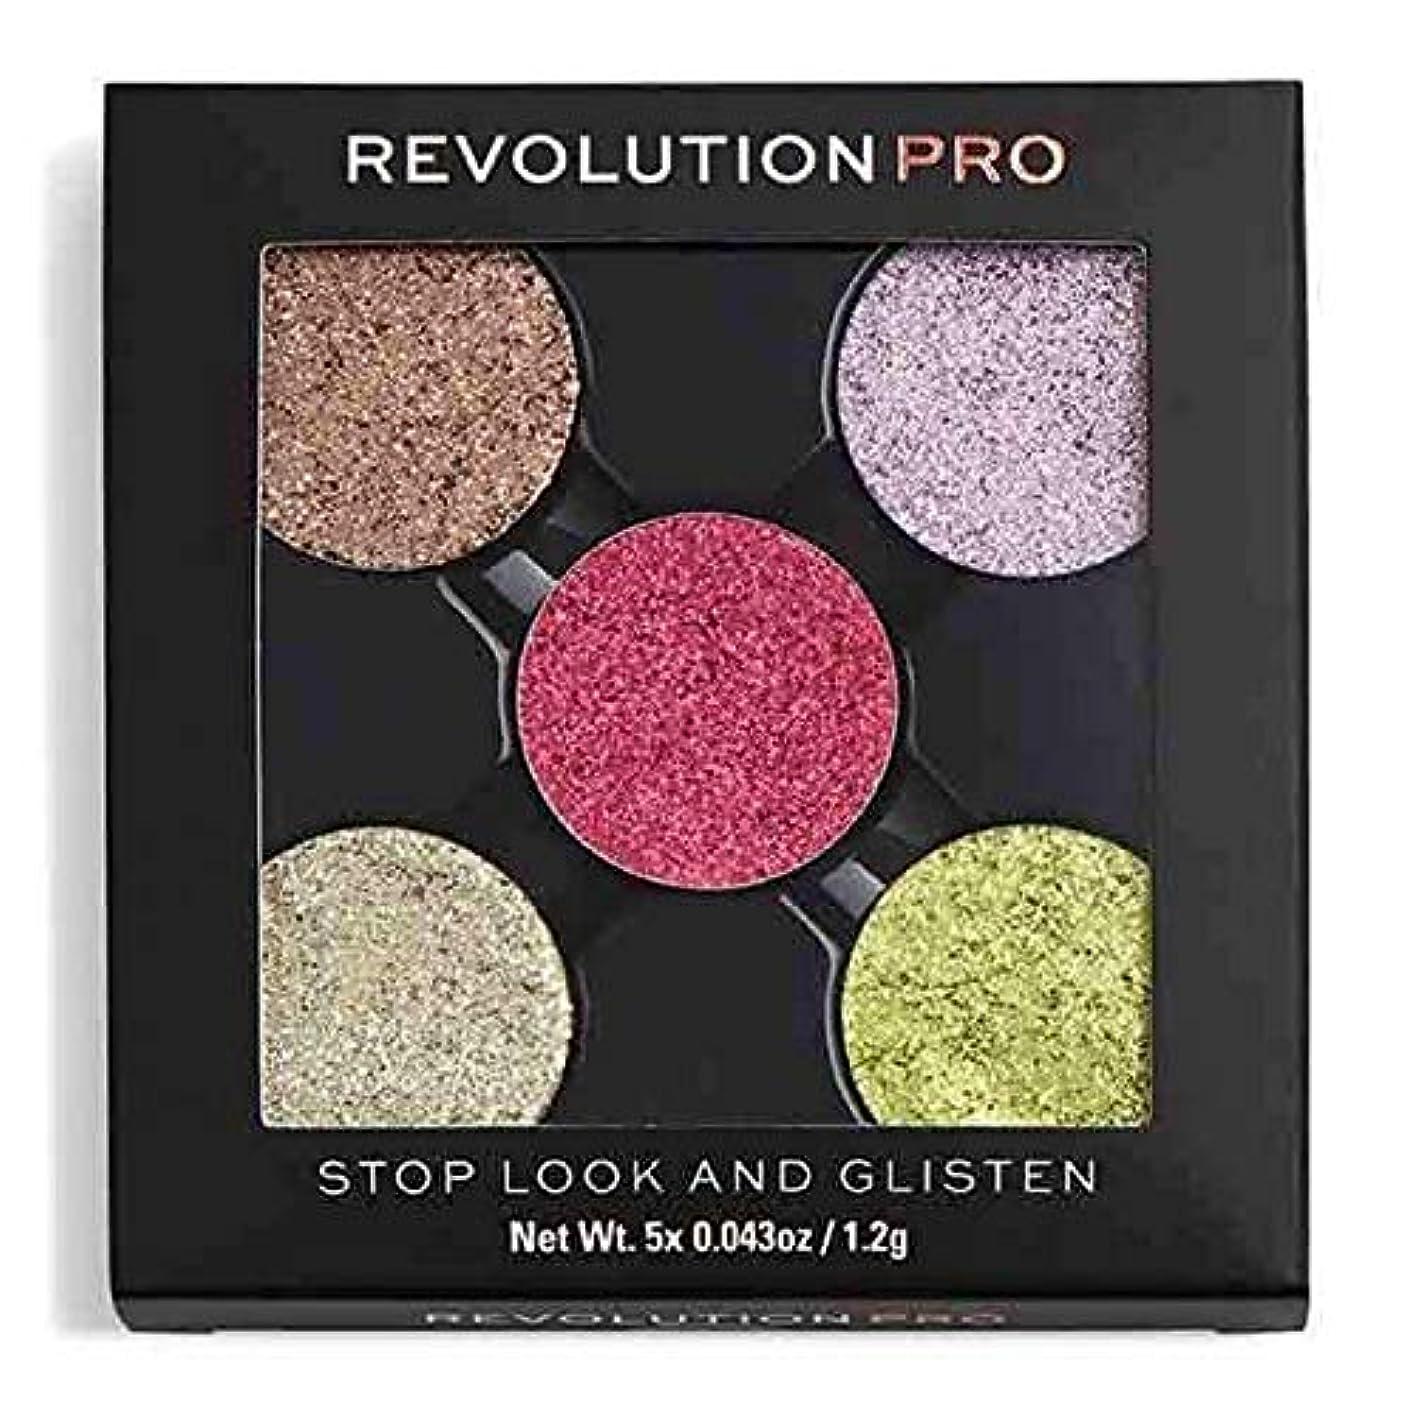 予測子偏心インシデント[Revolution ] 革命のプロが見て、光る、キラキラパックストップを押します - Revolution Pro Pressed Glitter Pack Stop, Look and Glisten [並行輸入品]